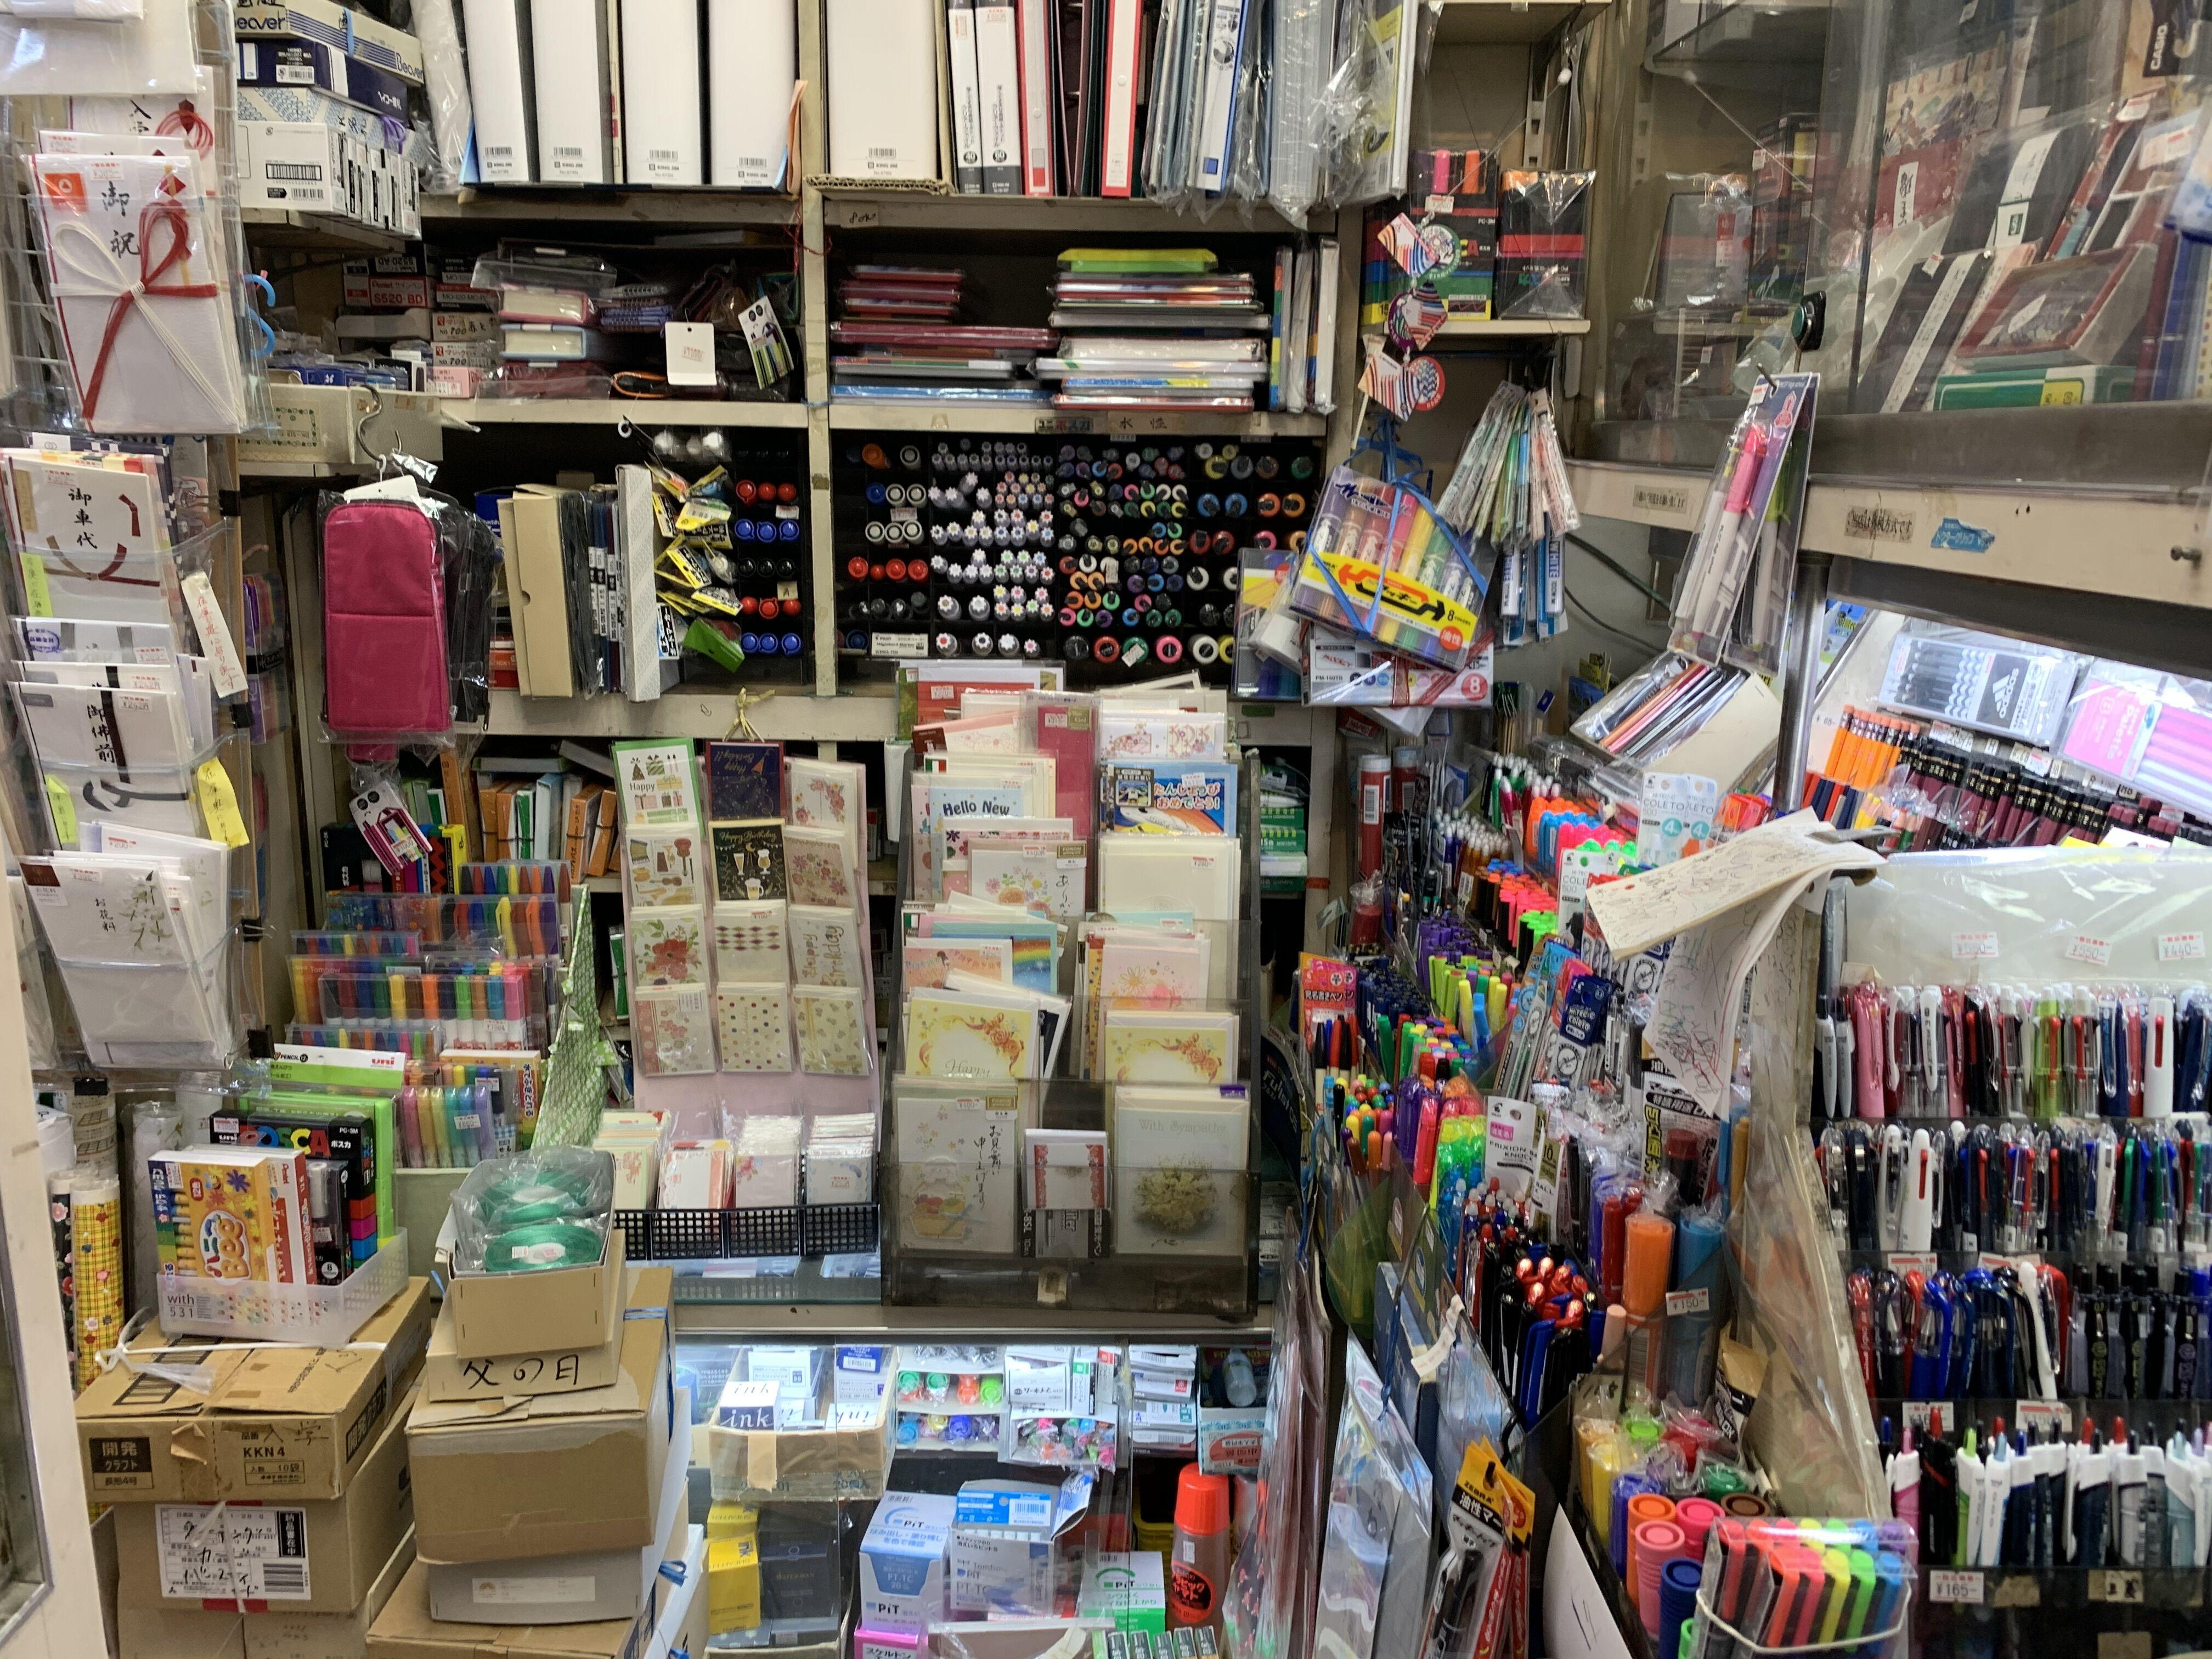 一貫堂文具店,自由が丘,自由が丘デパート,文具,文房具